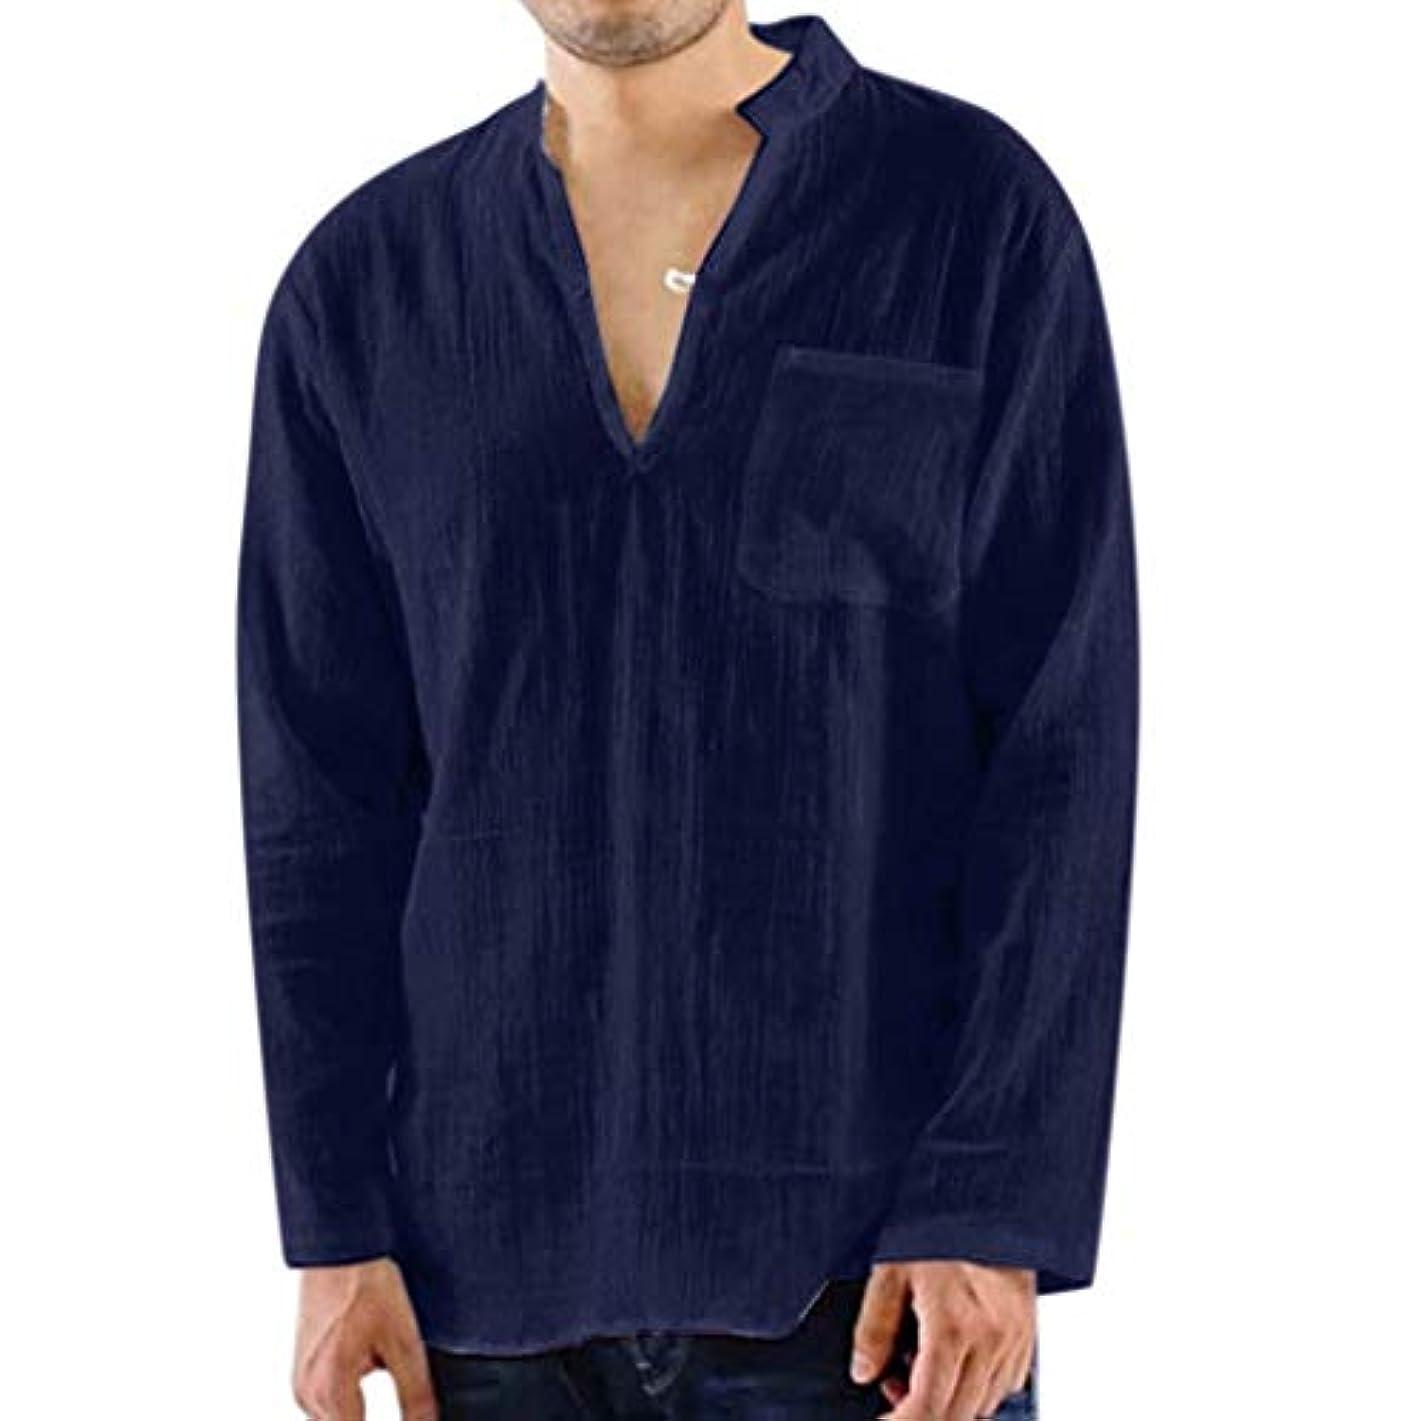 コール溶融バックWyntroy シャツ メンズ 単色 長袖 無地 ゆったり Vネック Tシャツ おしゃれ ストリート ファッション春夏秋 ゆったり カットソー ロングスリーブ カジュアル スウェット スポーツ人気 快適 綿麻薄いシャツ M~3XL